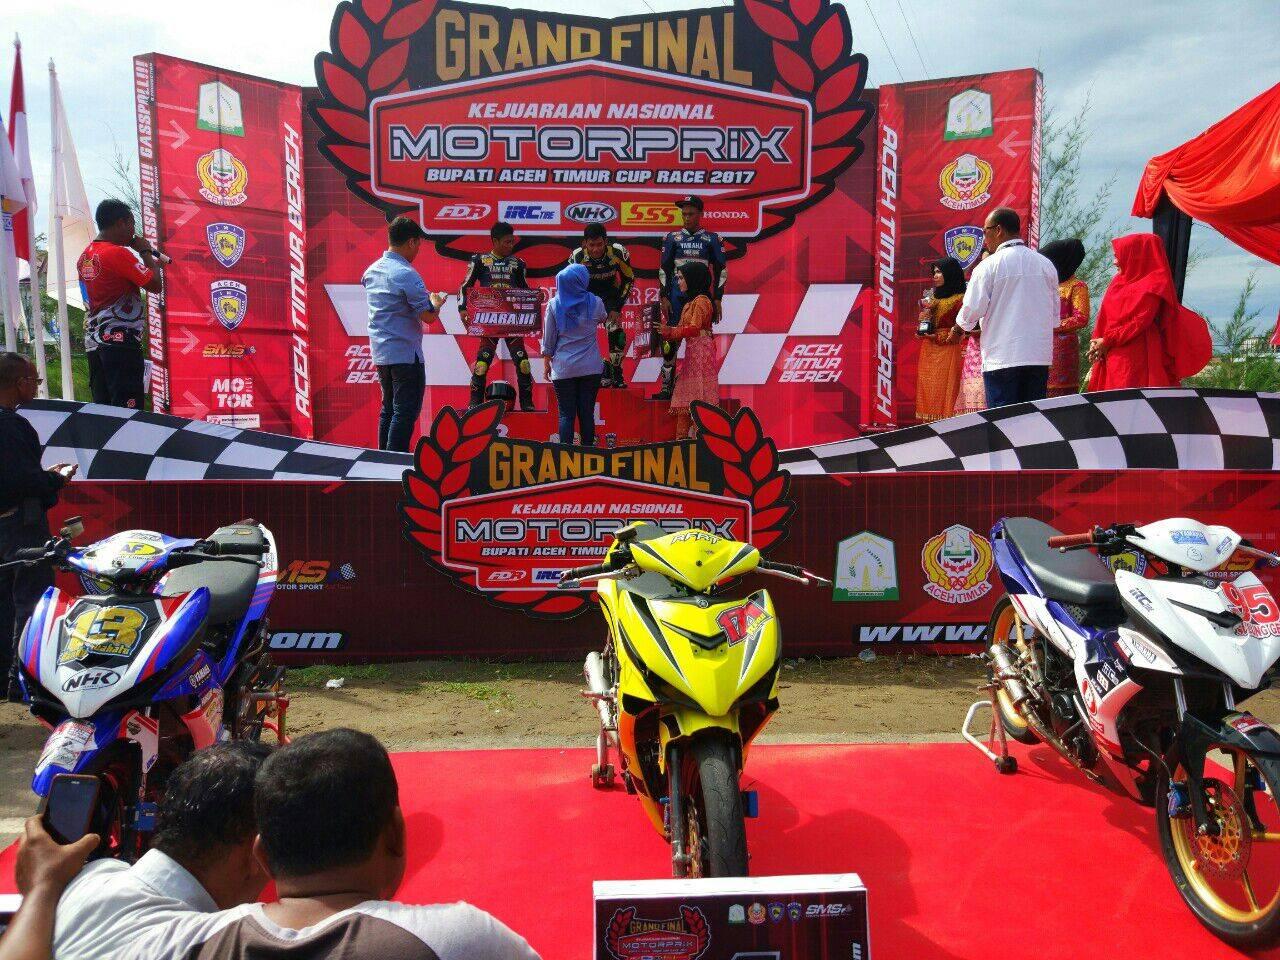 Yamaha MX King sapu bersih race 1 MP1 Motorprix Aceh 2017